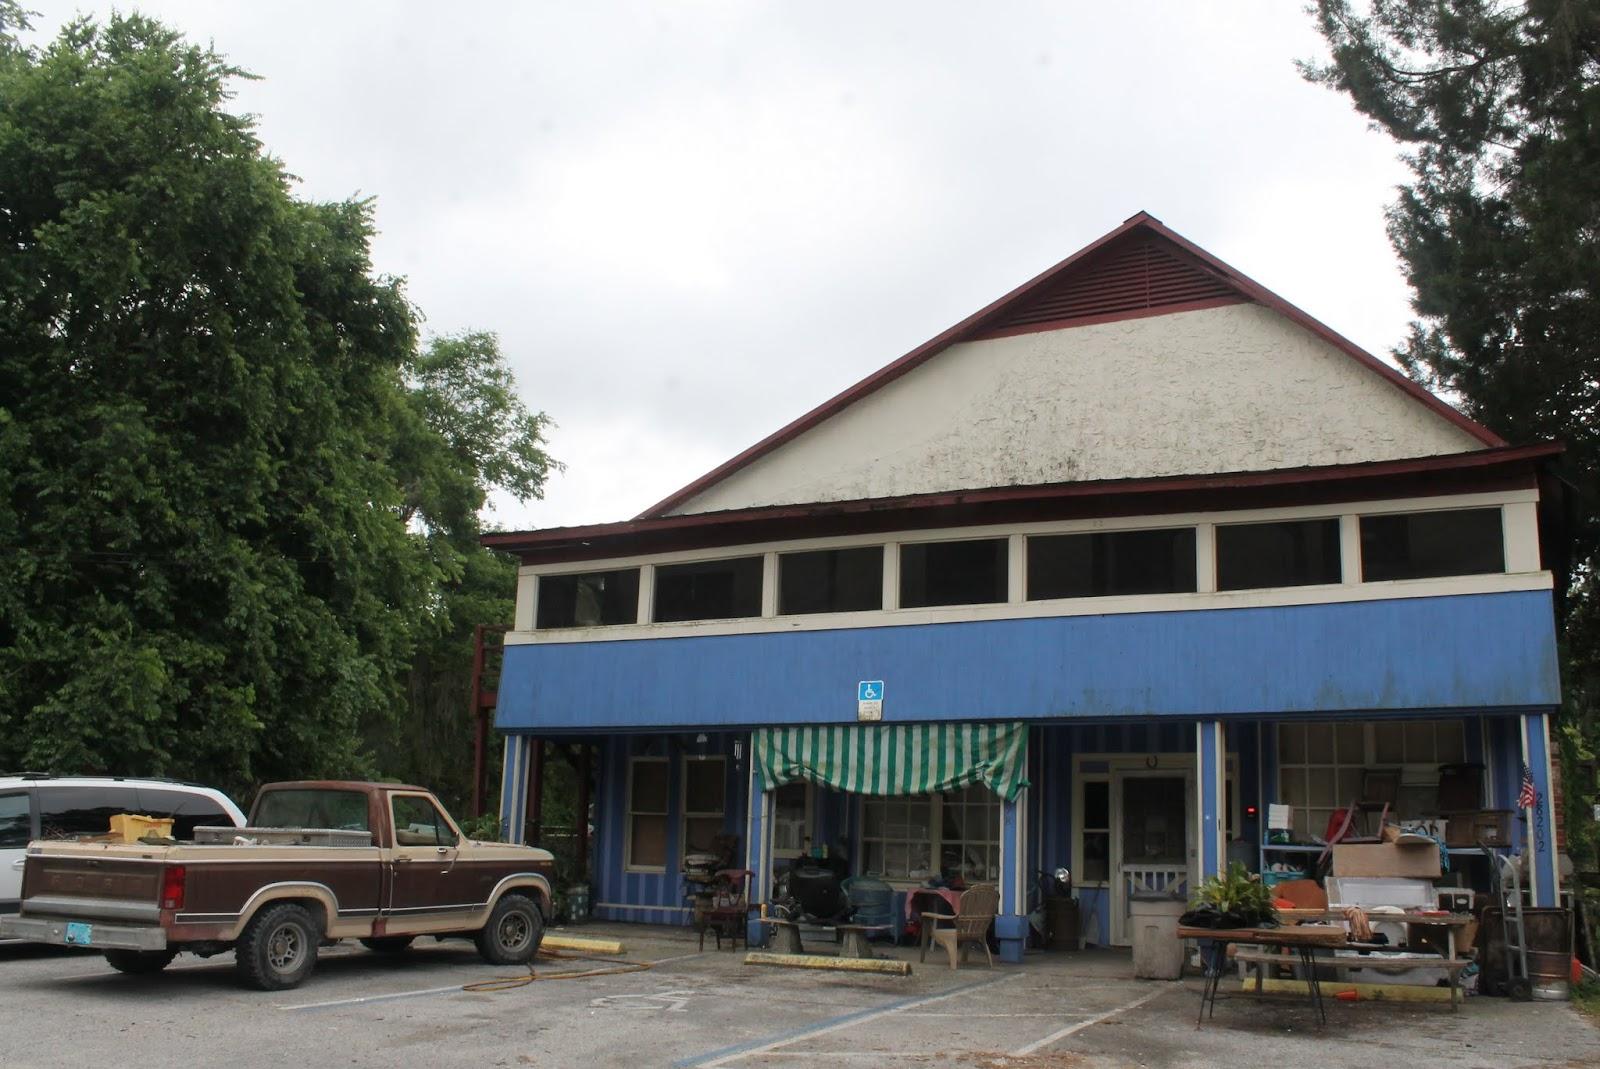 Comercios en Istachatta